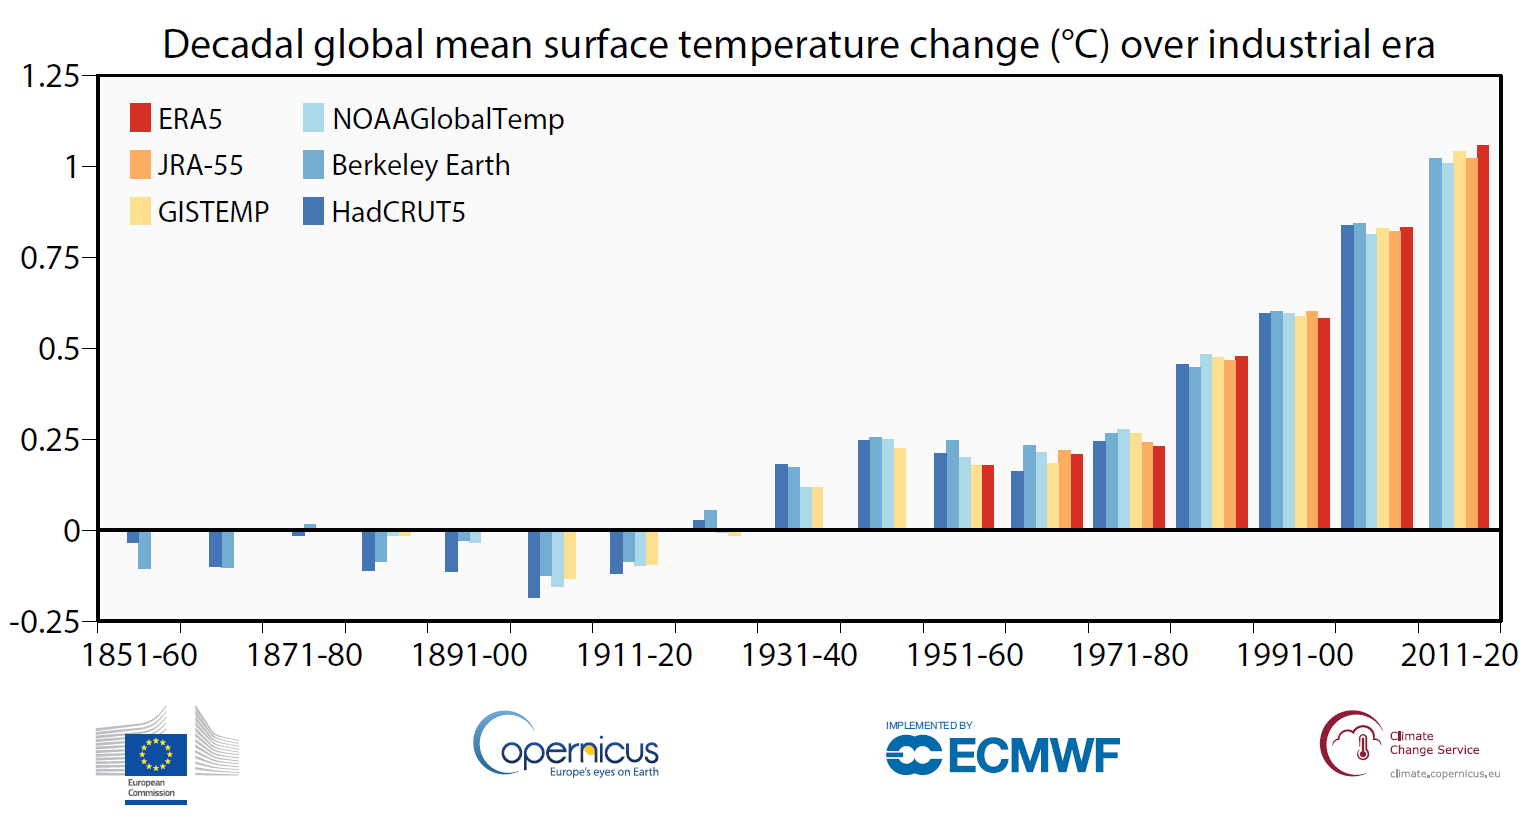 A globális léghőmérséklet két méteres magasságban mért évtizedes átlagai az iparosodás előtti időszak óta bekövetkezett változások becsült változása a különböző adatkészletek szerint: ERA5 (ECMWF Copernicus Climate Change Service, C3S); GISTEMPv4 (NASA); HadCRUT5 (Met Office Hadley Centre); NOAAGlobalTempv5 (NOAA), JRA-55 (JMA); és Berkeley Earth. Forrás: Copernicus Éghajlatváltozási Szolgálat/ECMWF, https://climate.copernicus.eu/copernicus-2020-warmest-year-record-europe-globally-2020-ties-2016-warmest-year-recorded